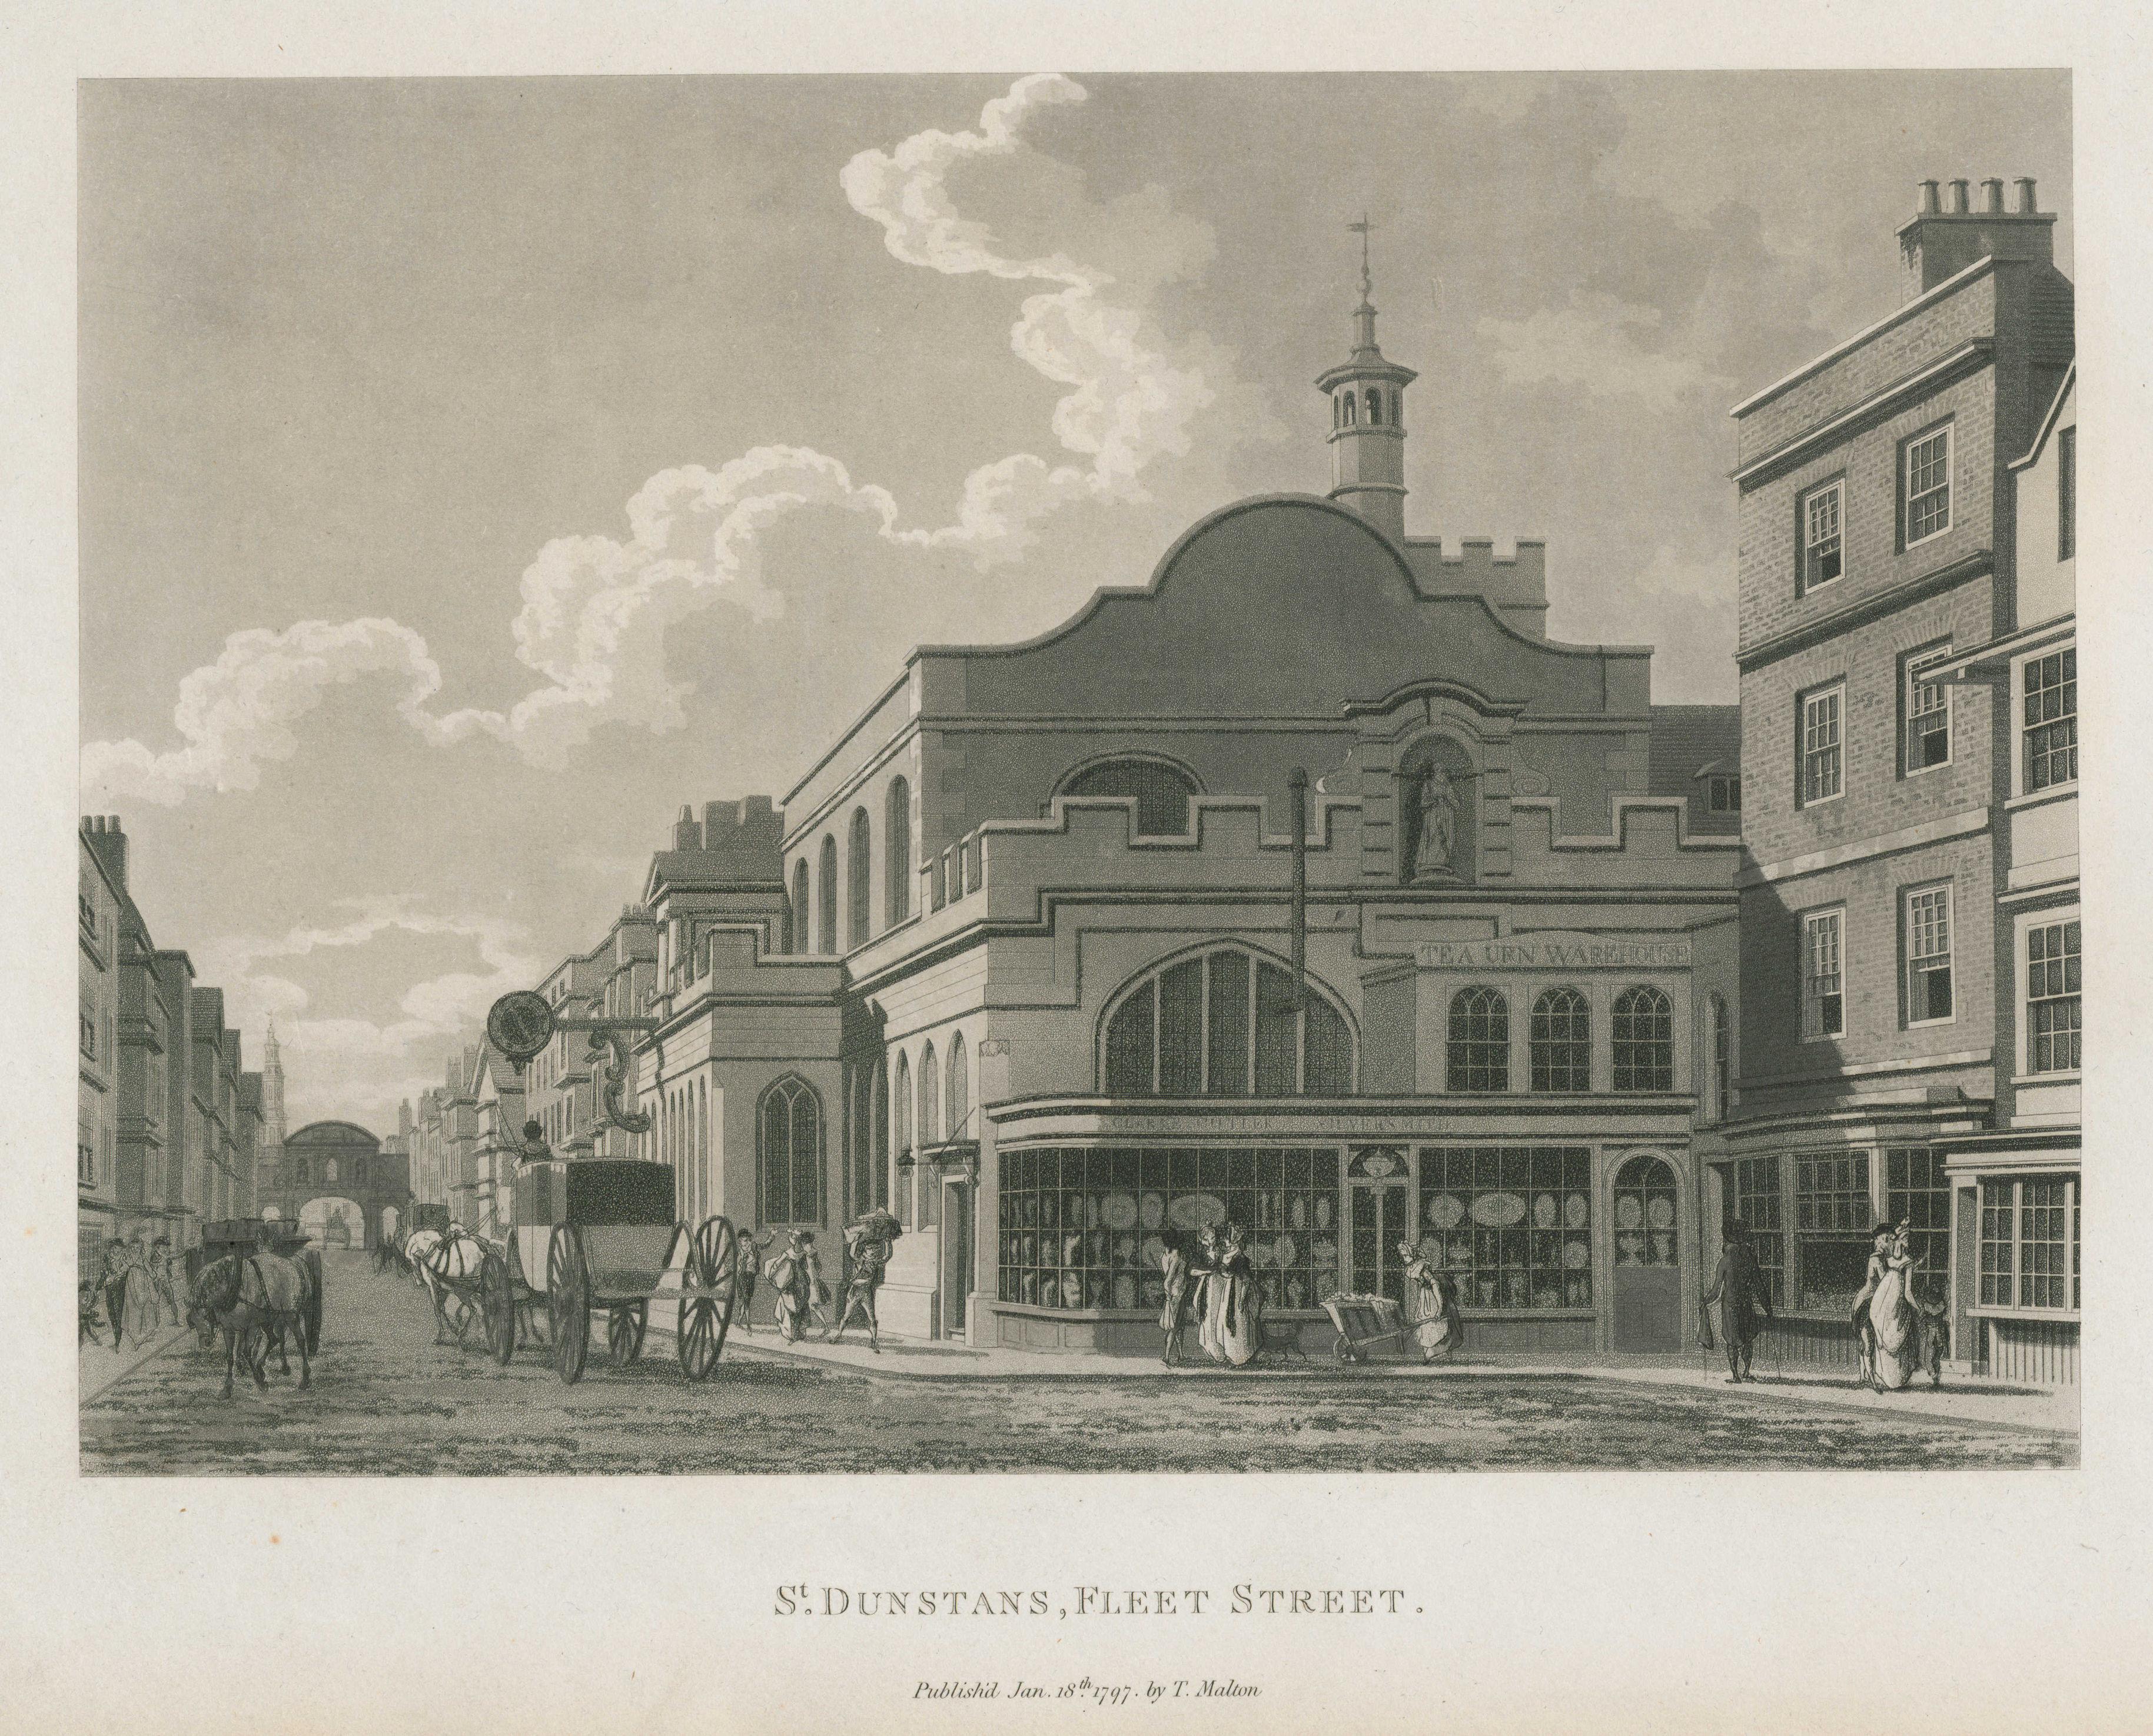 047 - Malton - St Dunstans, Fleet Street